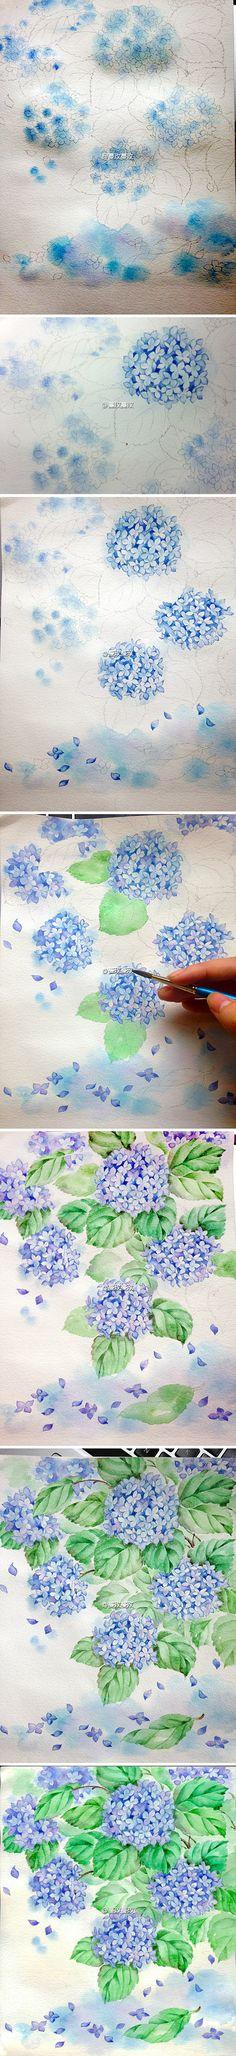 """【传说中的水彩教程】夏至,梅雨中的紫阳花。比起""""绣球""""和""""八仙花"""",更喜欢它的这个名字。盛夏雨水里郁郁的蓝紫色,是贯穿了六月和七月的光阴记忆。"""